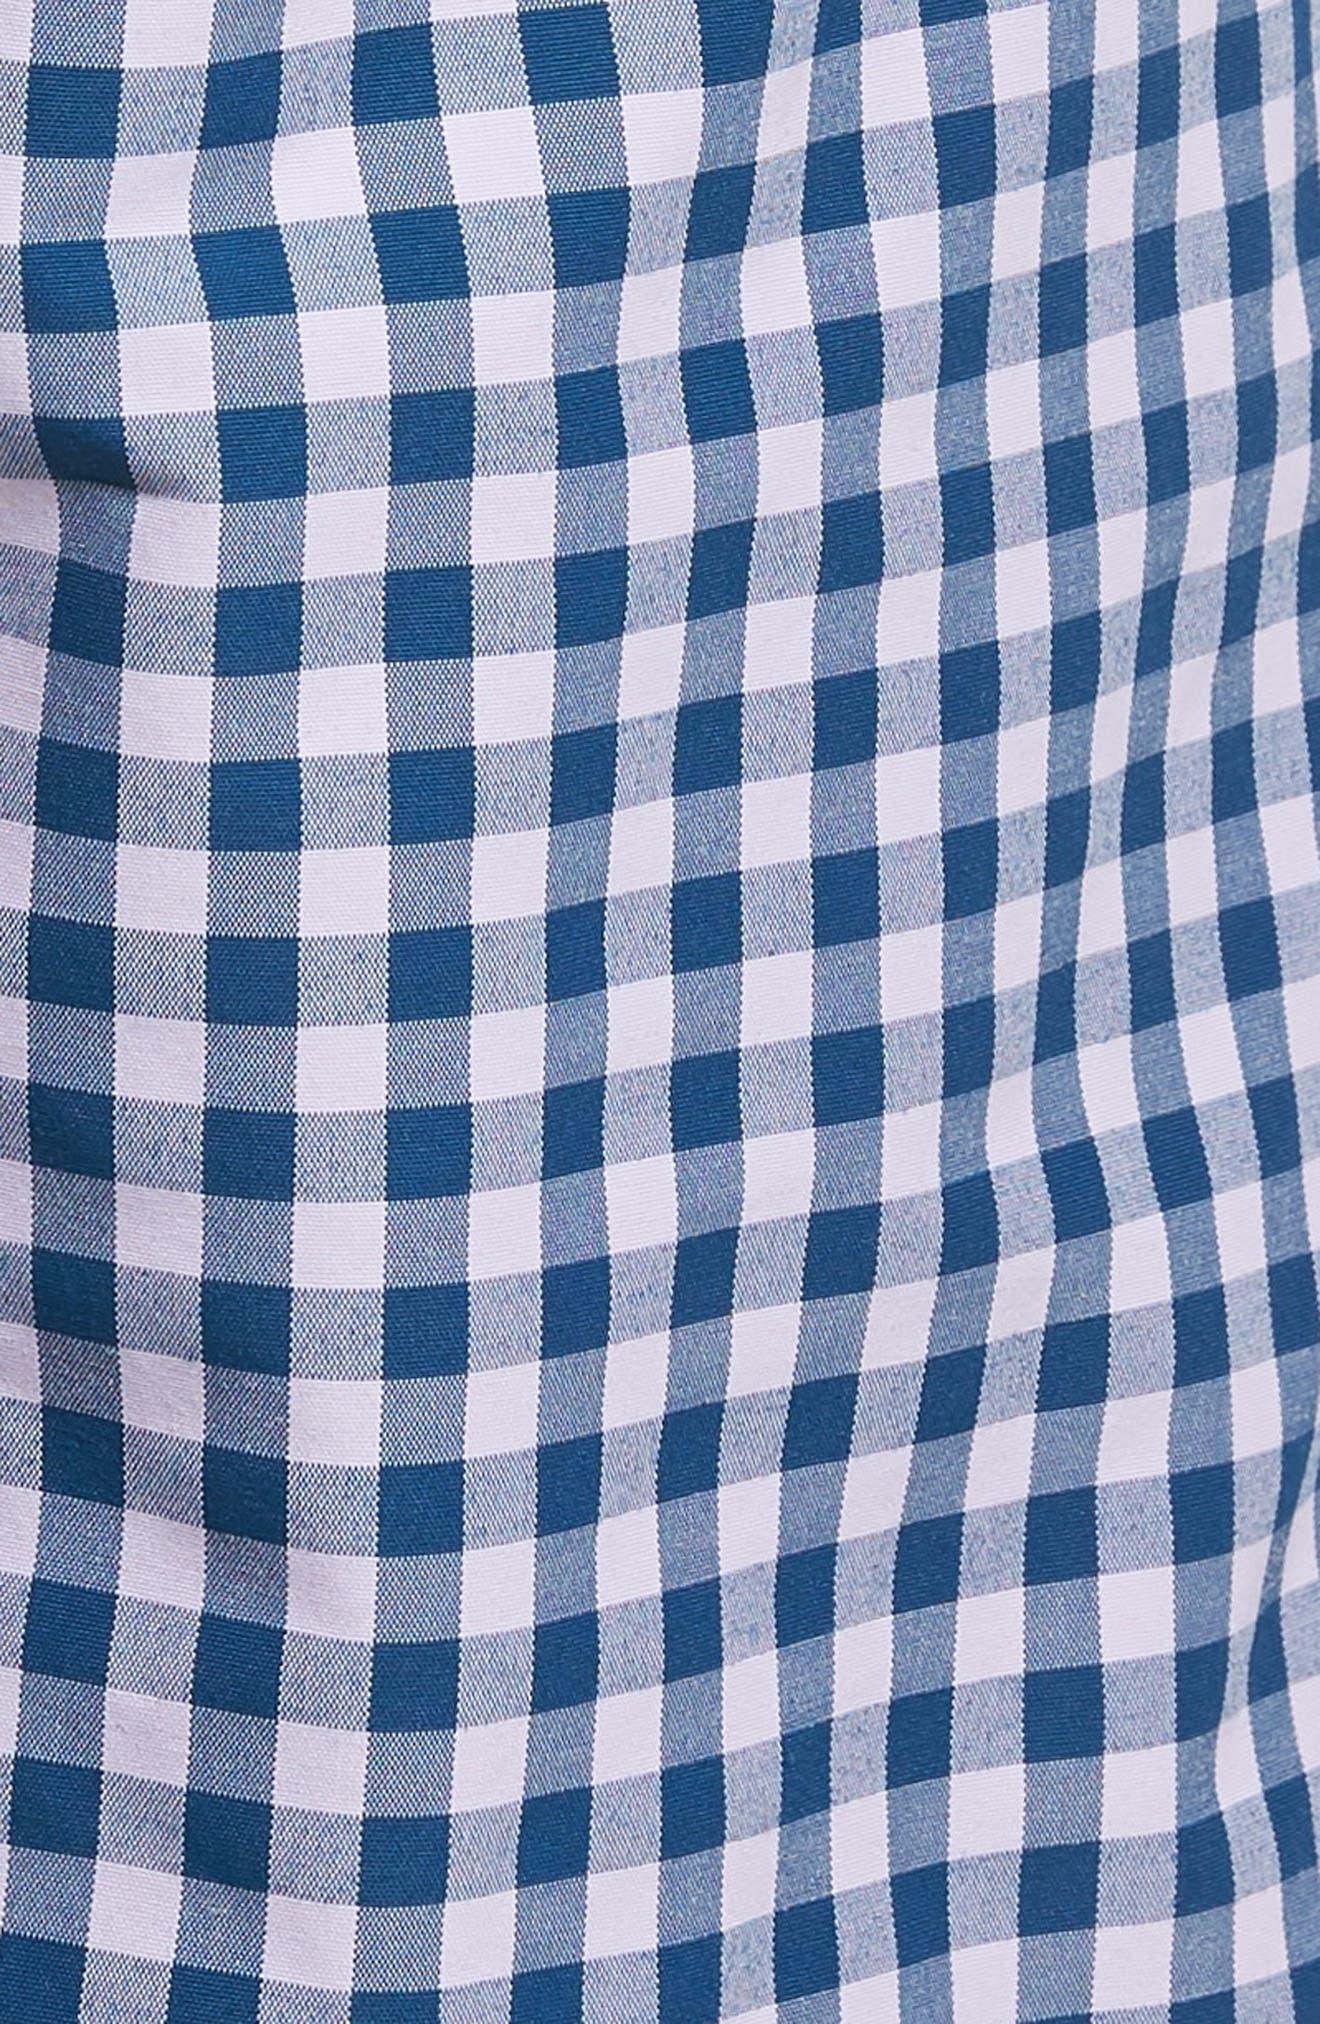 Gingham 5-Inch Swim Trunks,                             Alternate thumbnail 5, color,                             Gulfstream Gingham Blue